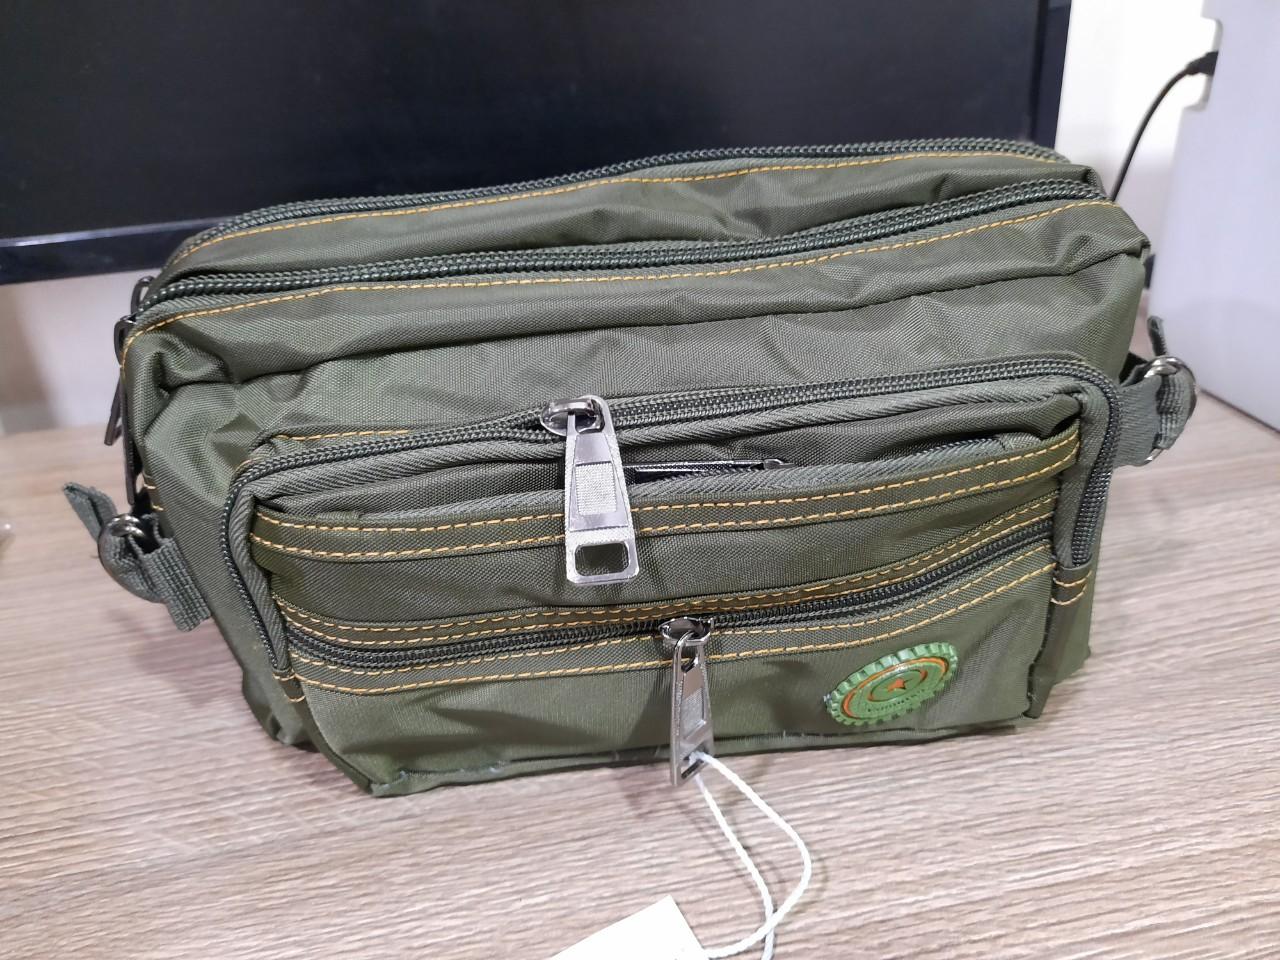 Túi đeo chéo hông bụng TĐ 5528 dạng lớn hàn quốc HG1 (túi đeo hông giá sỉ)